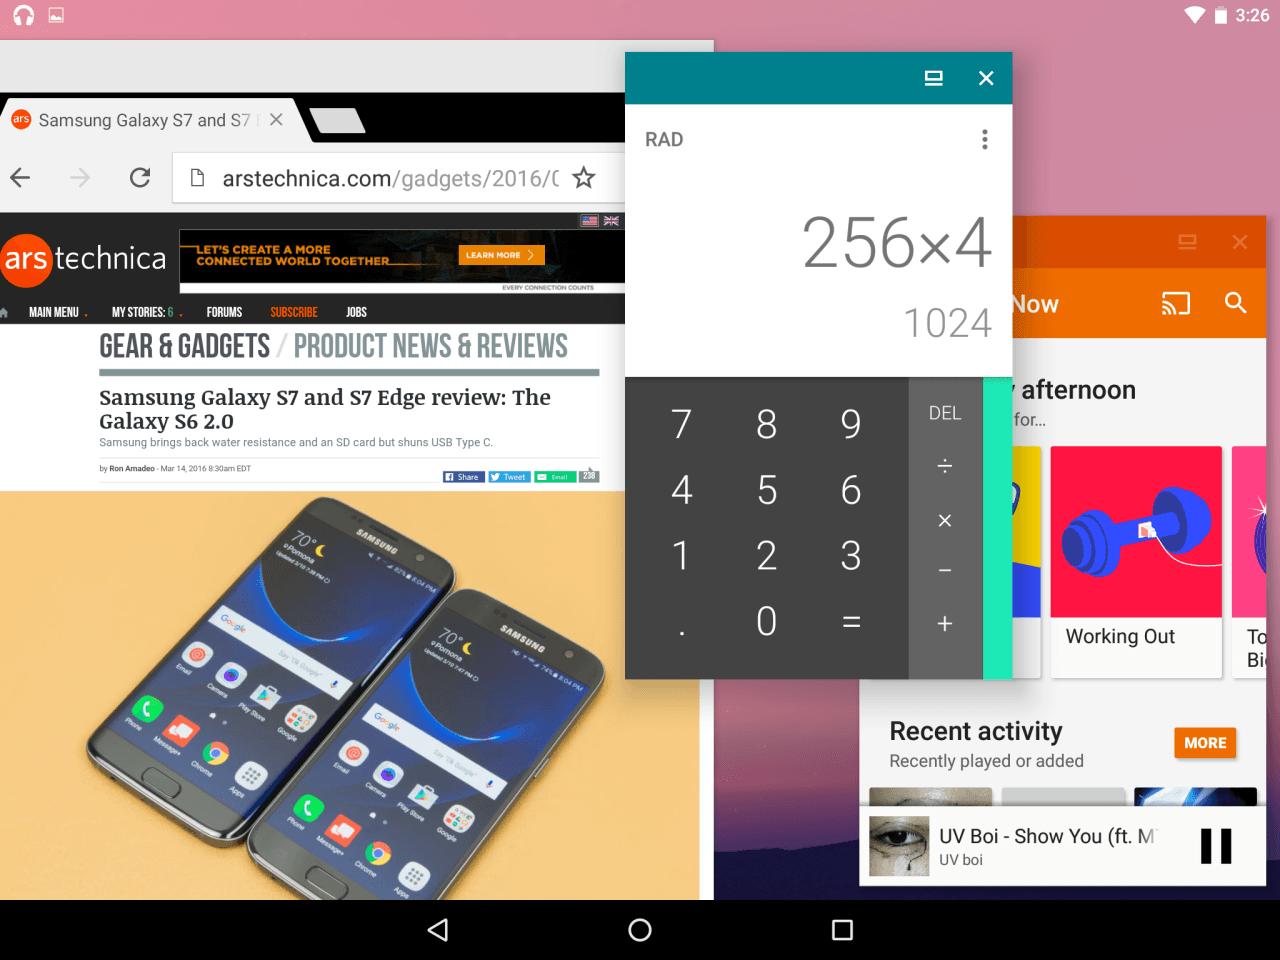 Android N : les «freeform windows» ne seront pas activées sur les Nexus